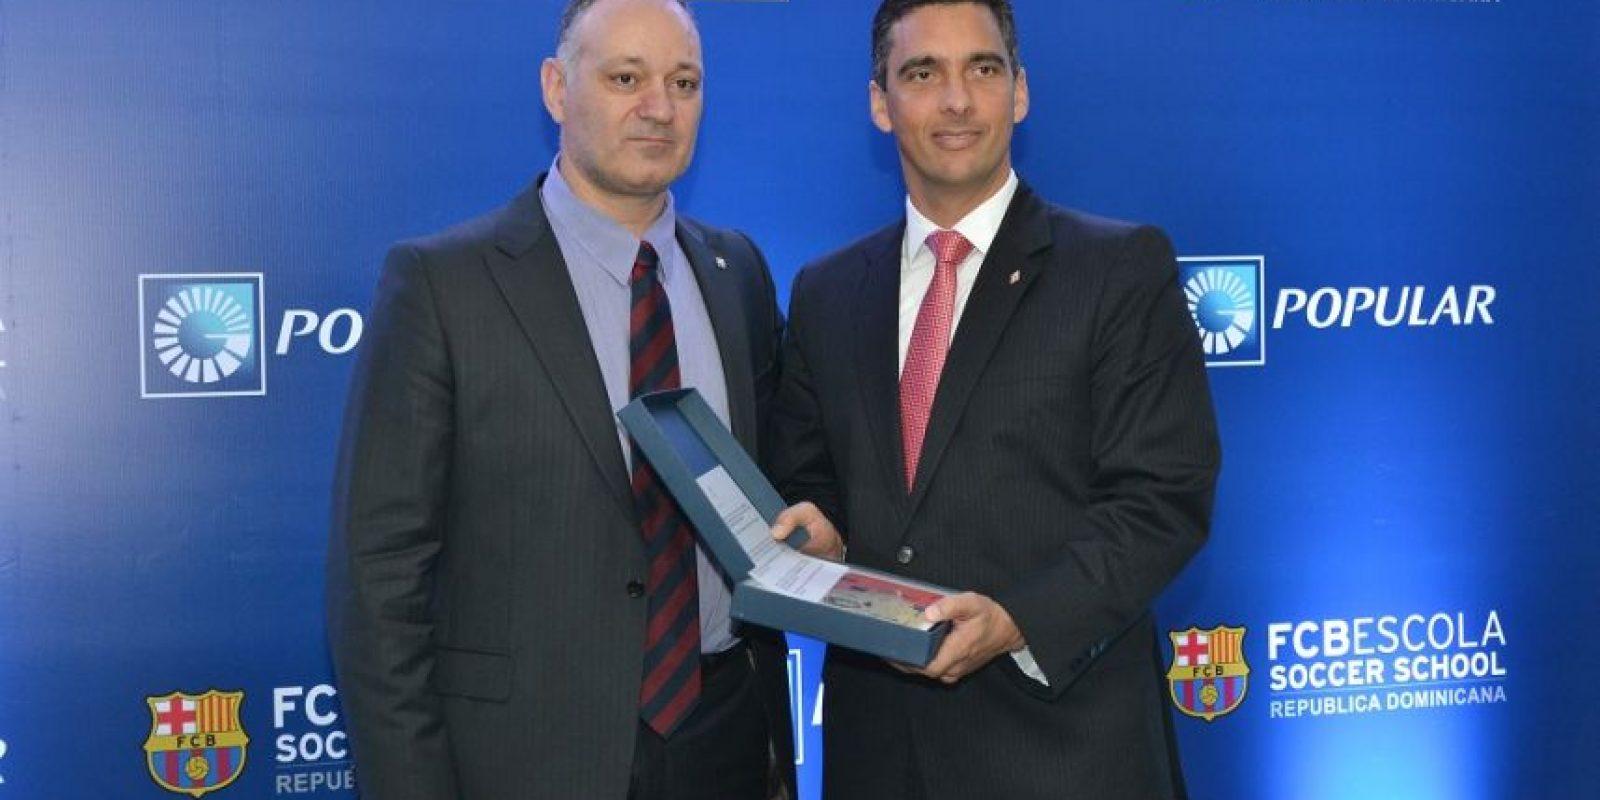 Carles Folguera junto a Roberto Ramìrez, ejecutivo del Banco Popular. Foto: Mario de Peña